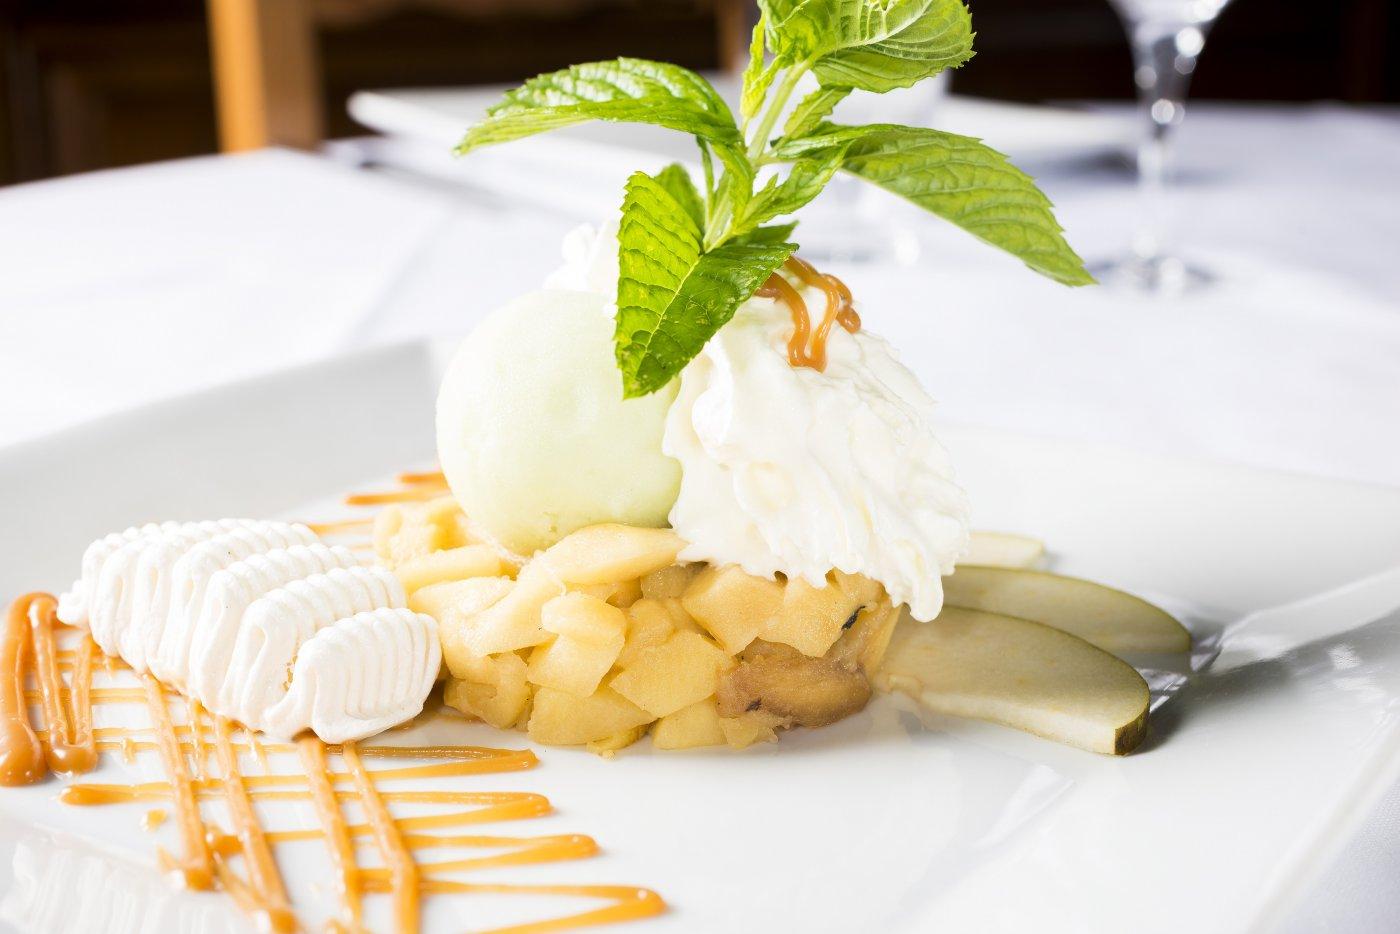 ferme-mont-saint-michel-propose-aussi-des-desserts-gourmands-et-fruites